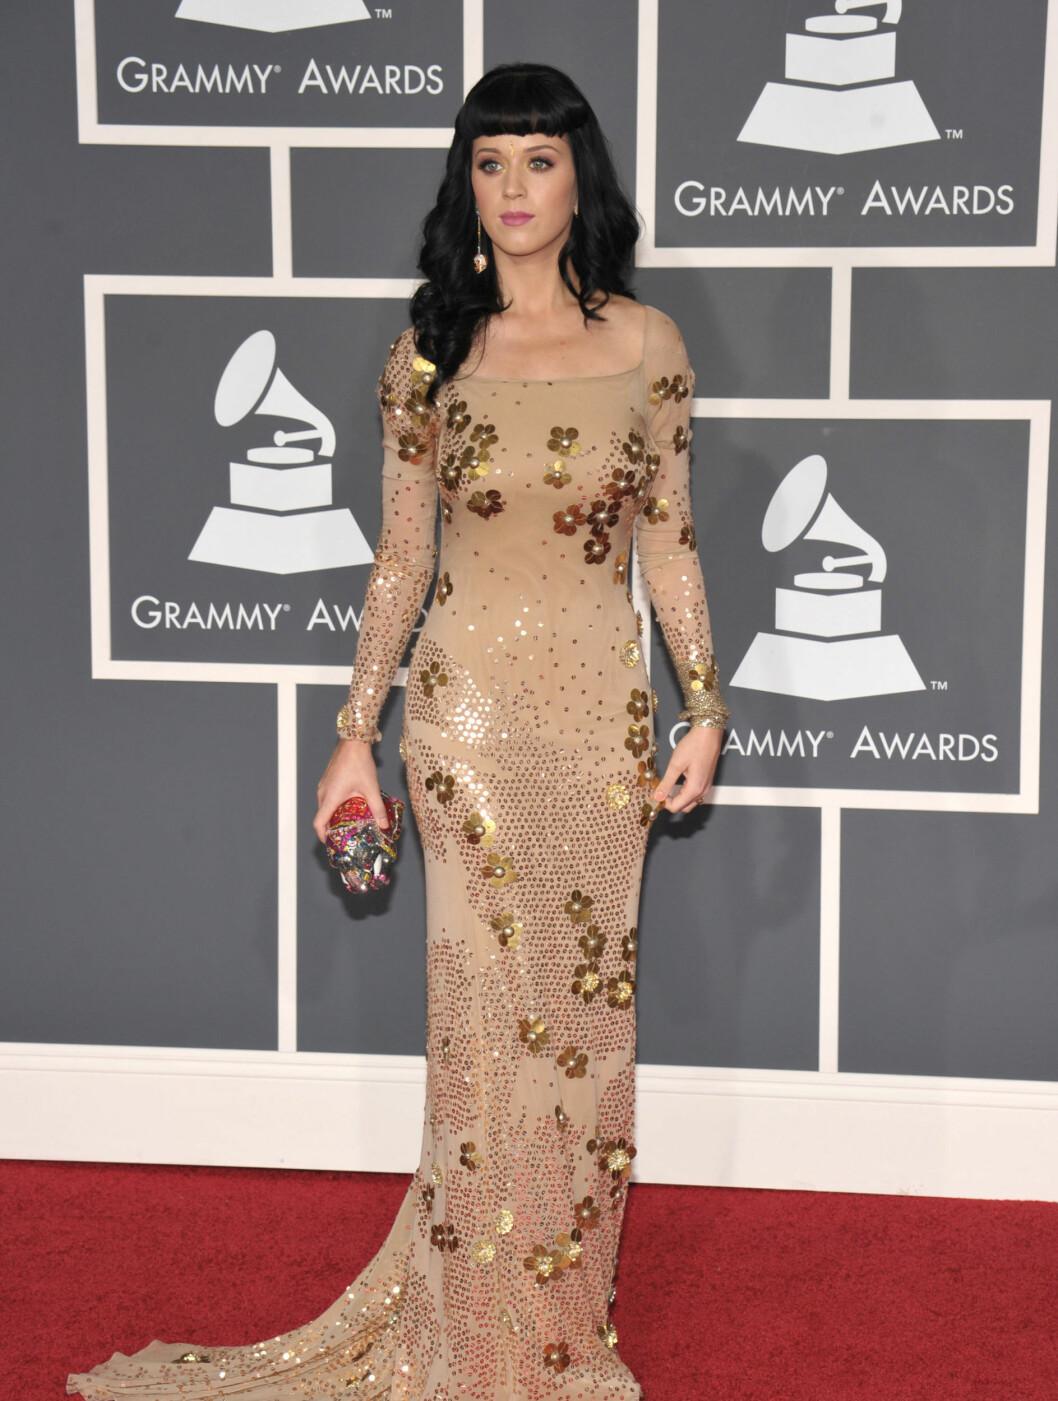 GYLLEN ANLEDNING: Nyforlovede Katy Perry kom til Grammy-utdelingen i denne kjolen fra Zac Posen.  Foto: All Over Press